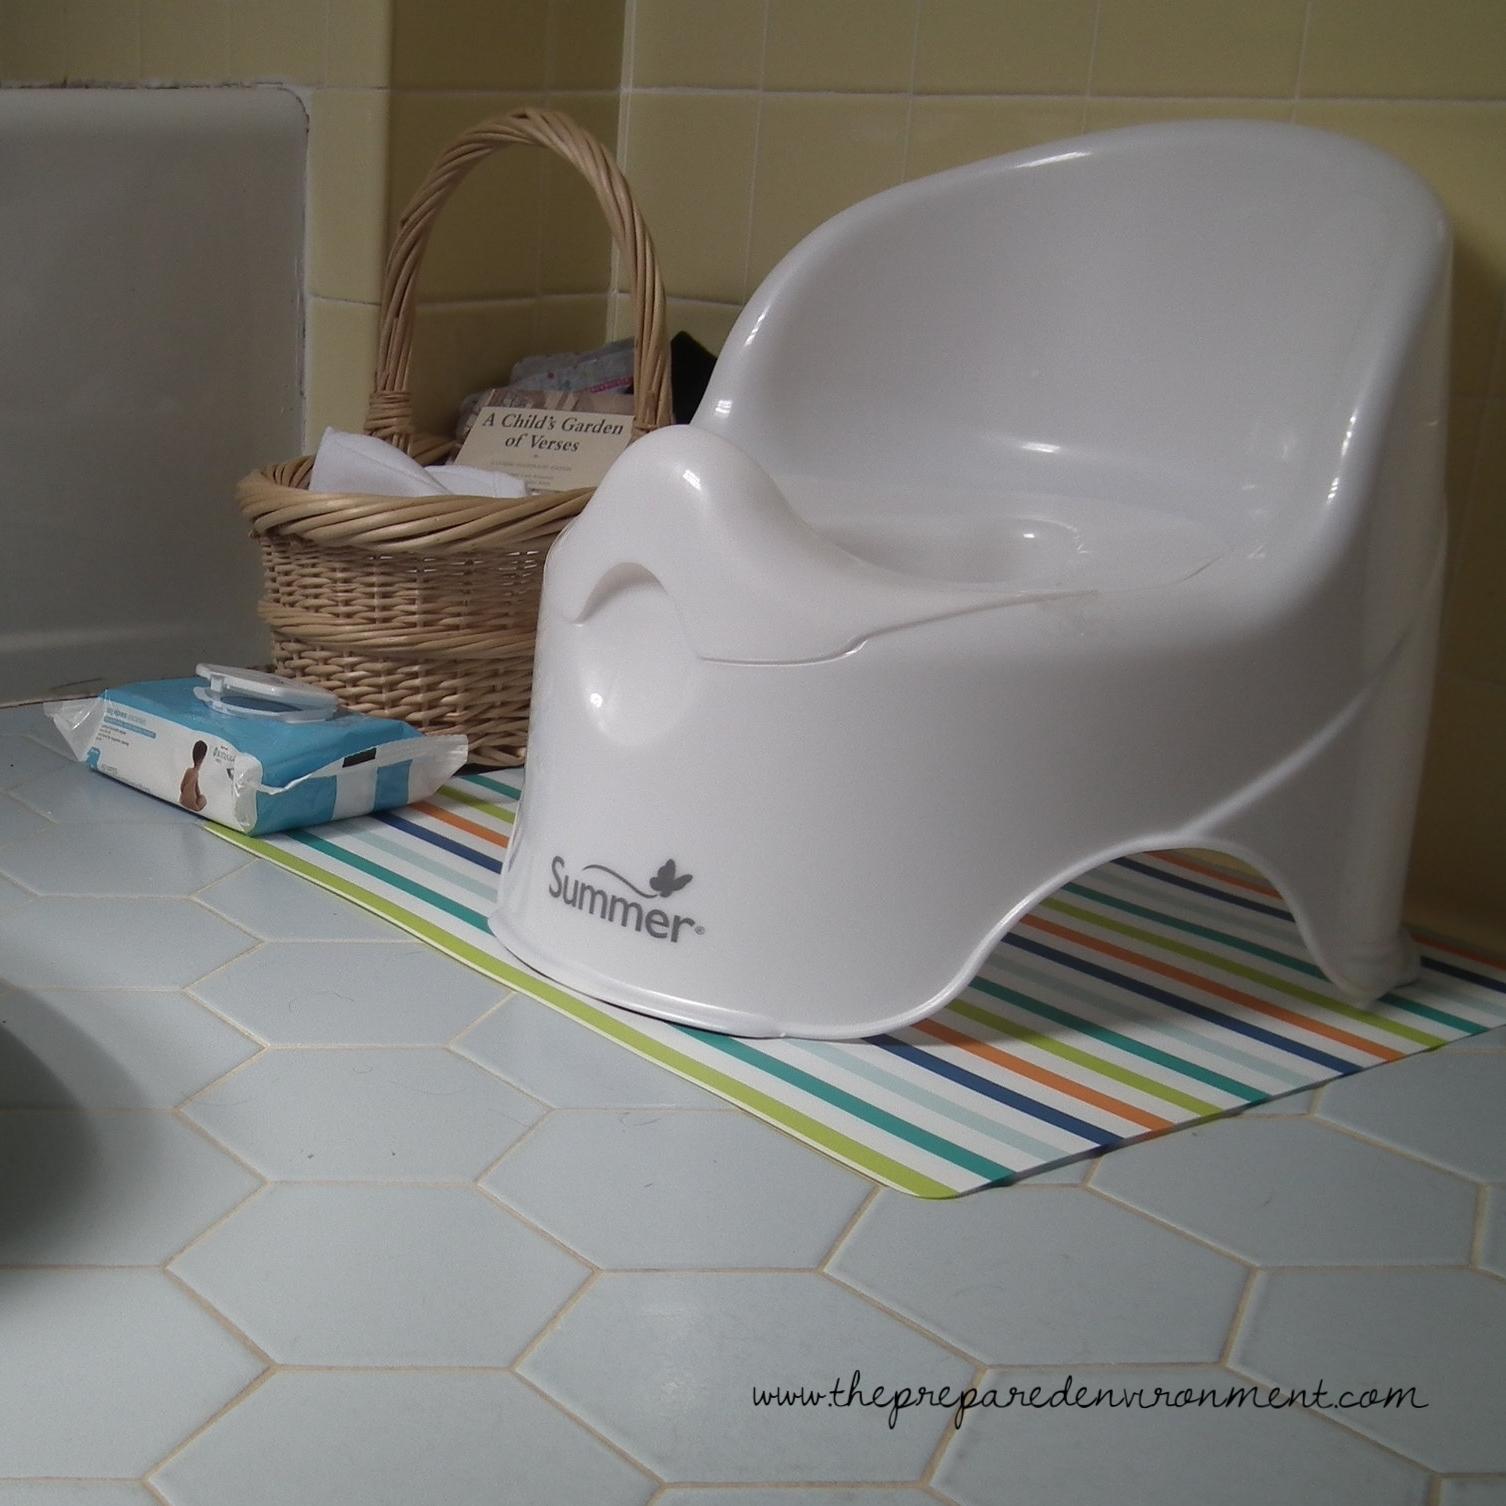 Toileting design